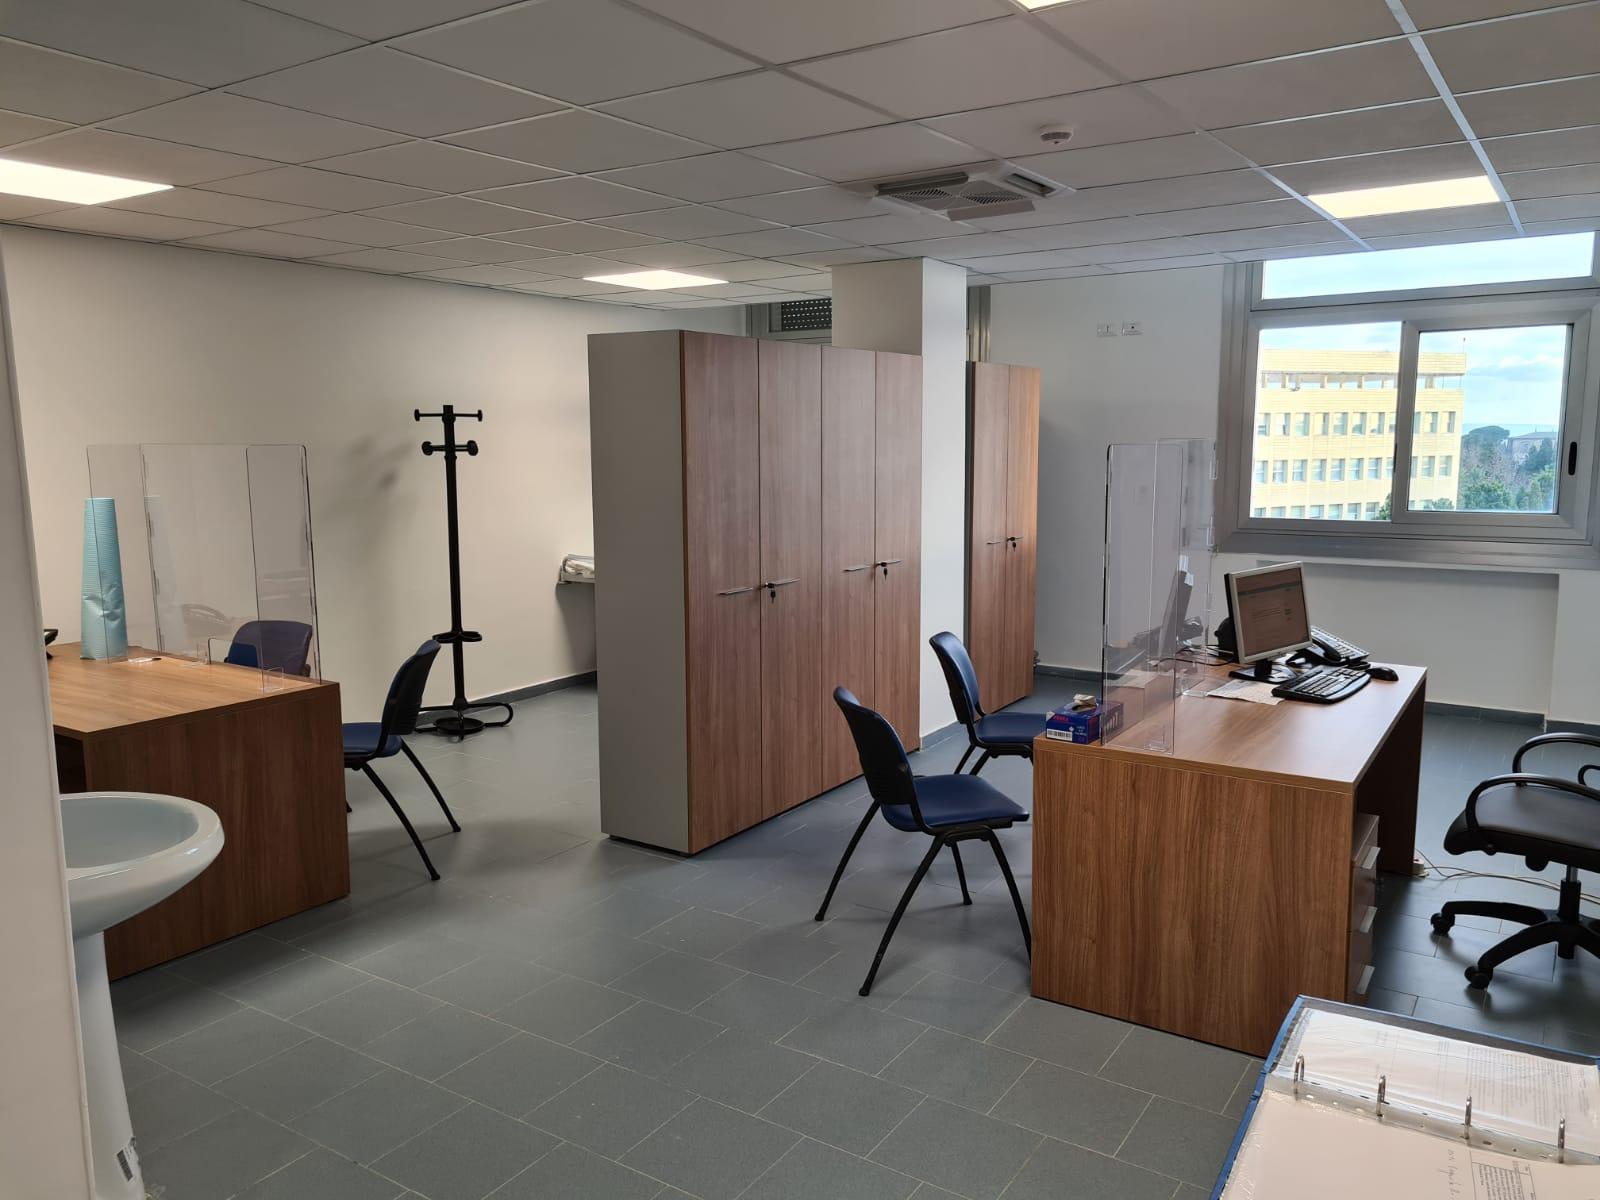 Ospedale di Caltagirone, operativo il nuovo reparto di Oncologia: DETTAGLI e futuri PROGETTI